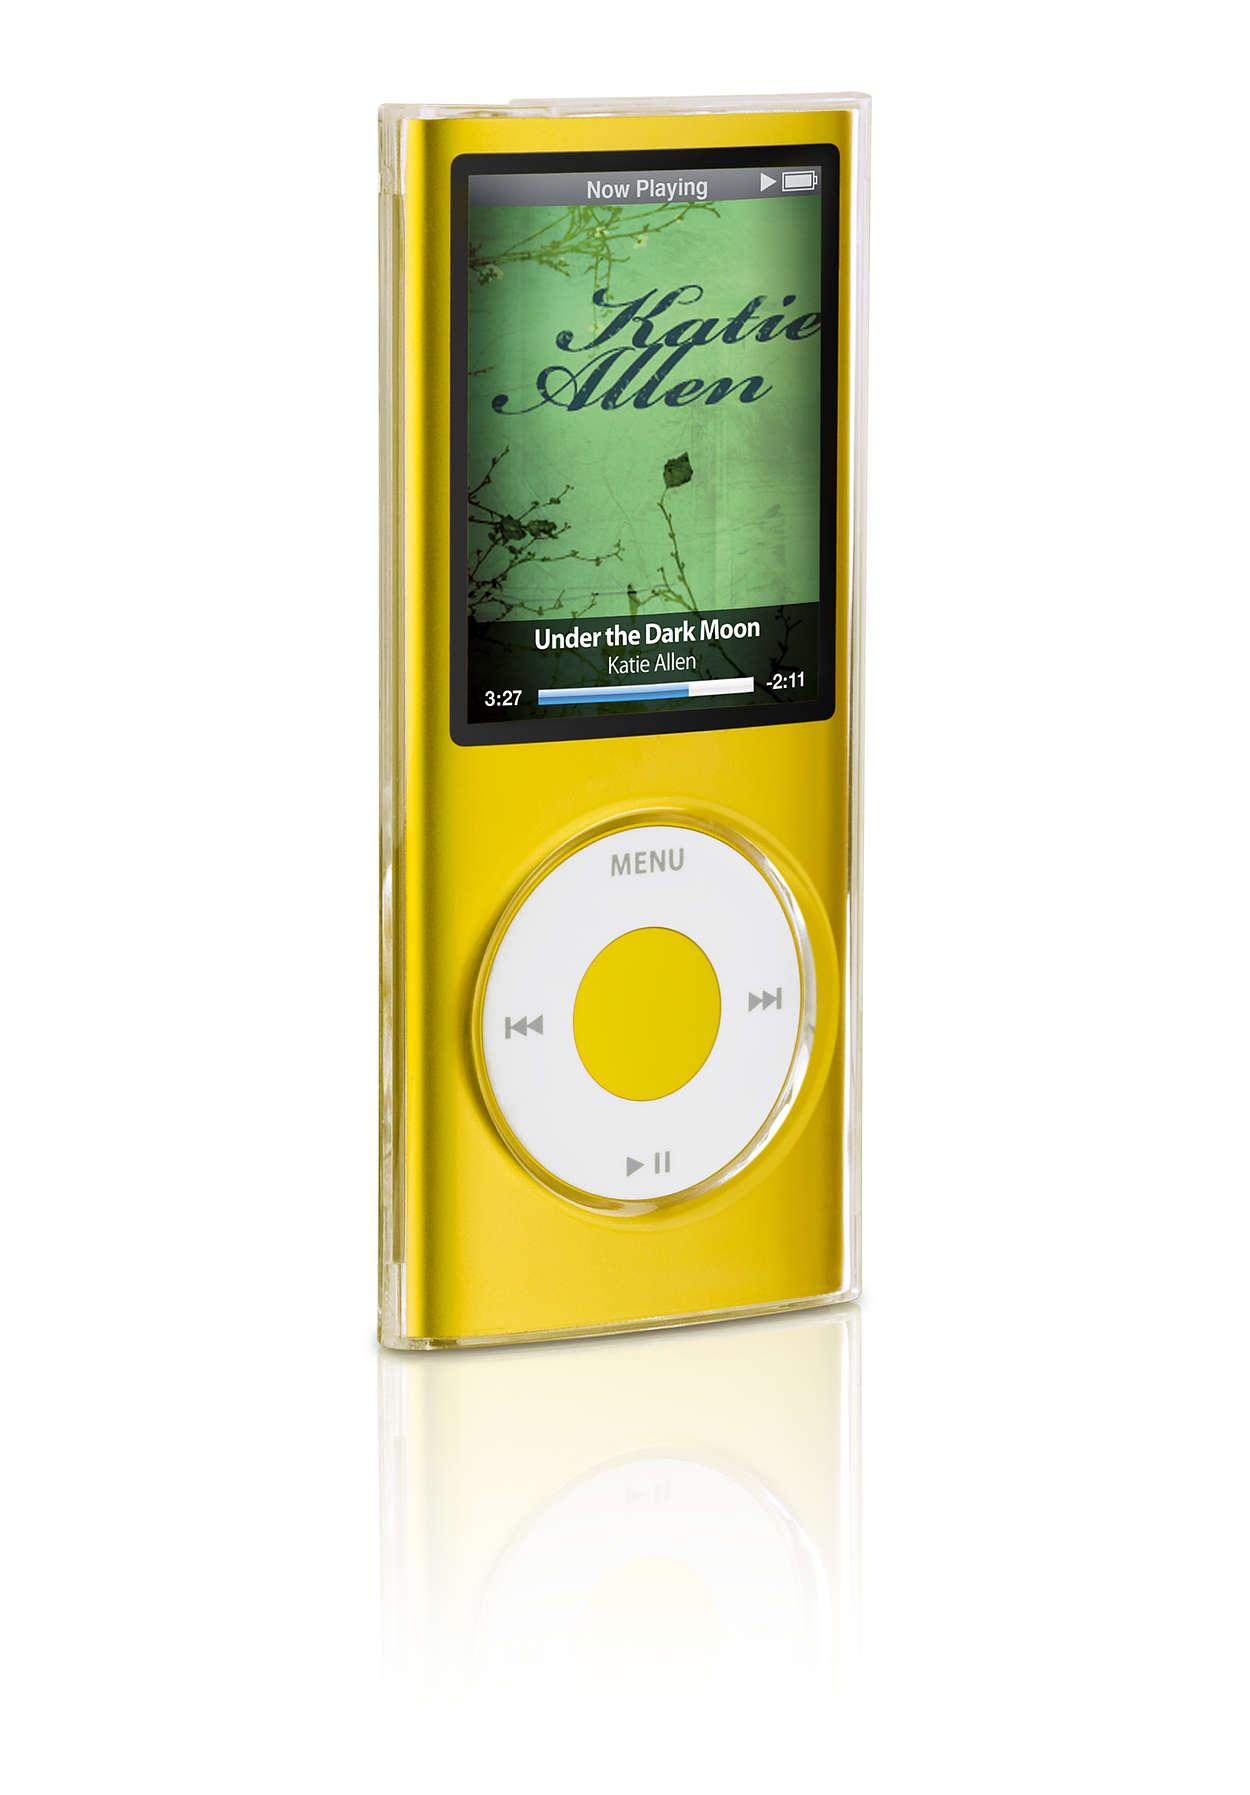 Doorzichtige bescherming voor uw iPod